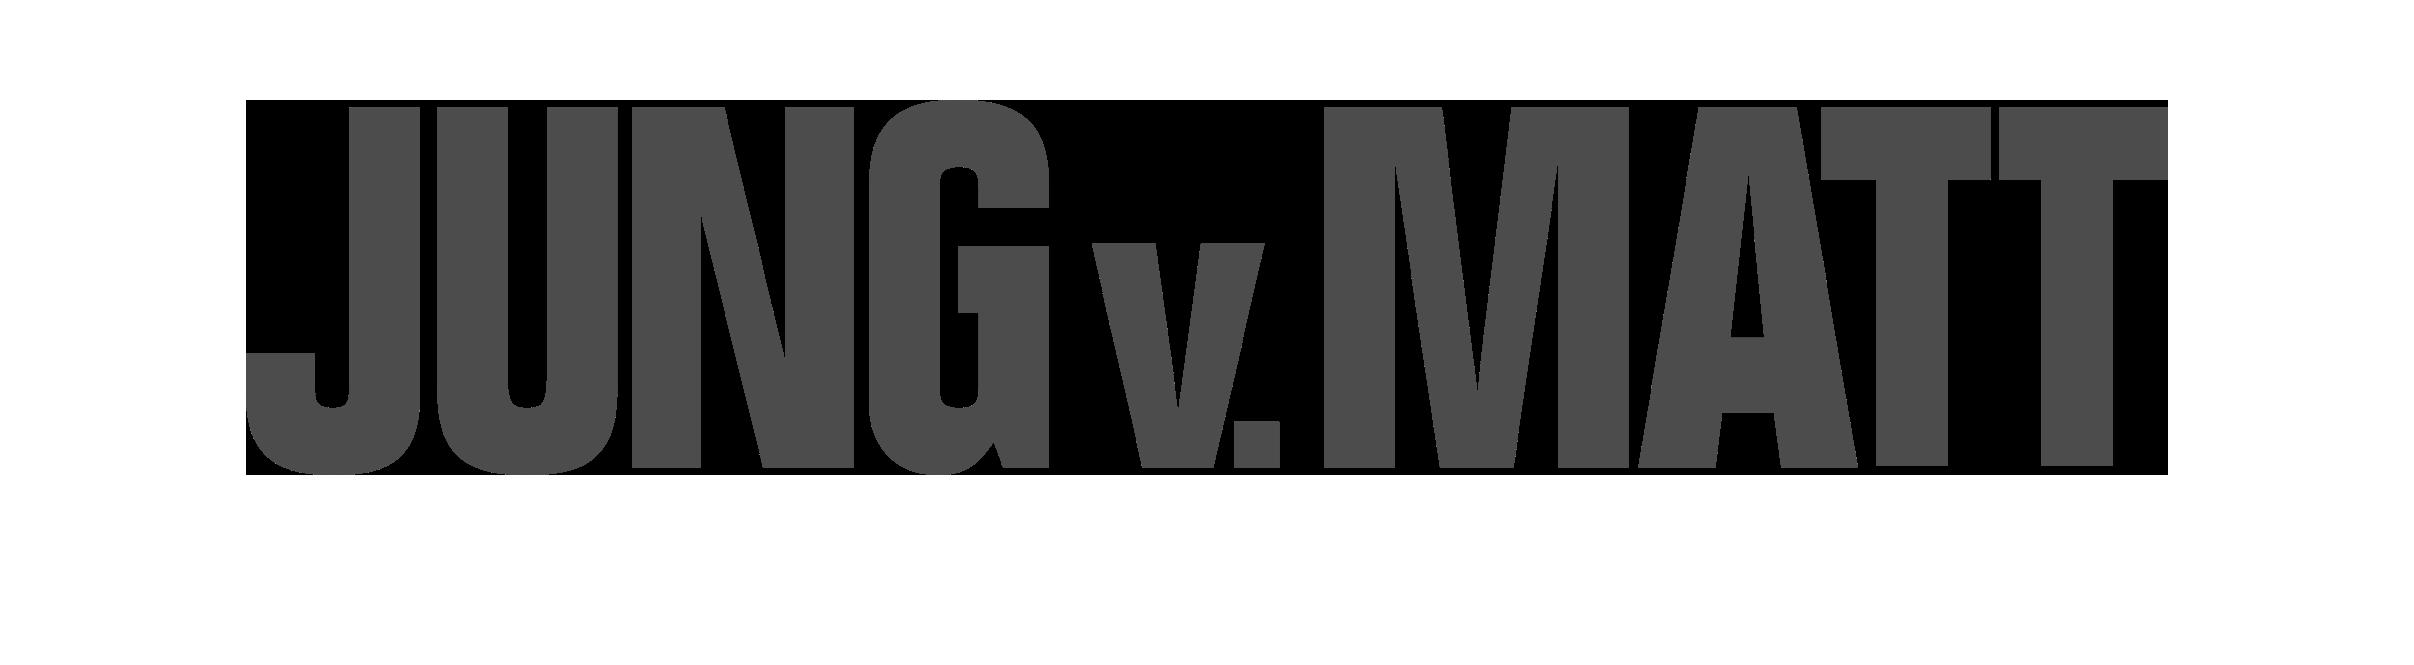 Logos Agencies 2019_09_08 beschnitten JvM 2414.png